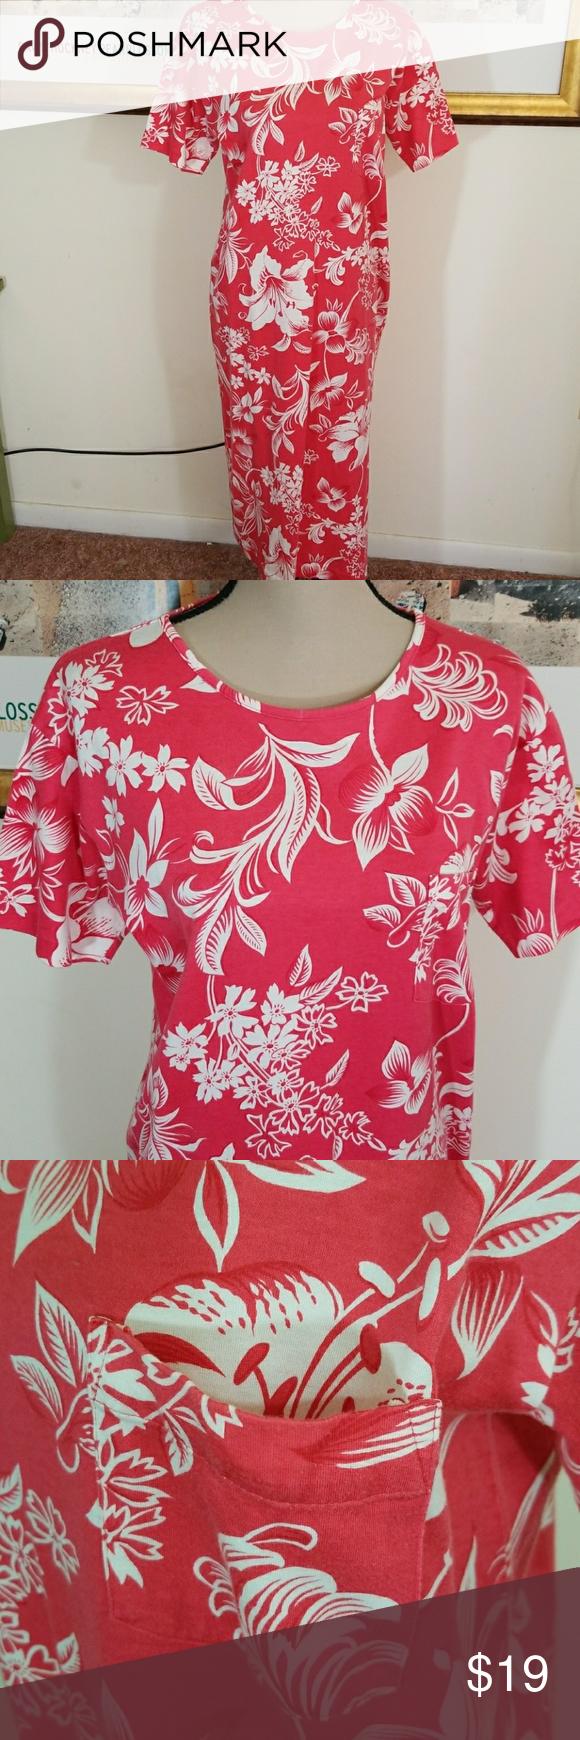 Ralph lauren floral summer dress summer dresses long summer